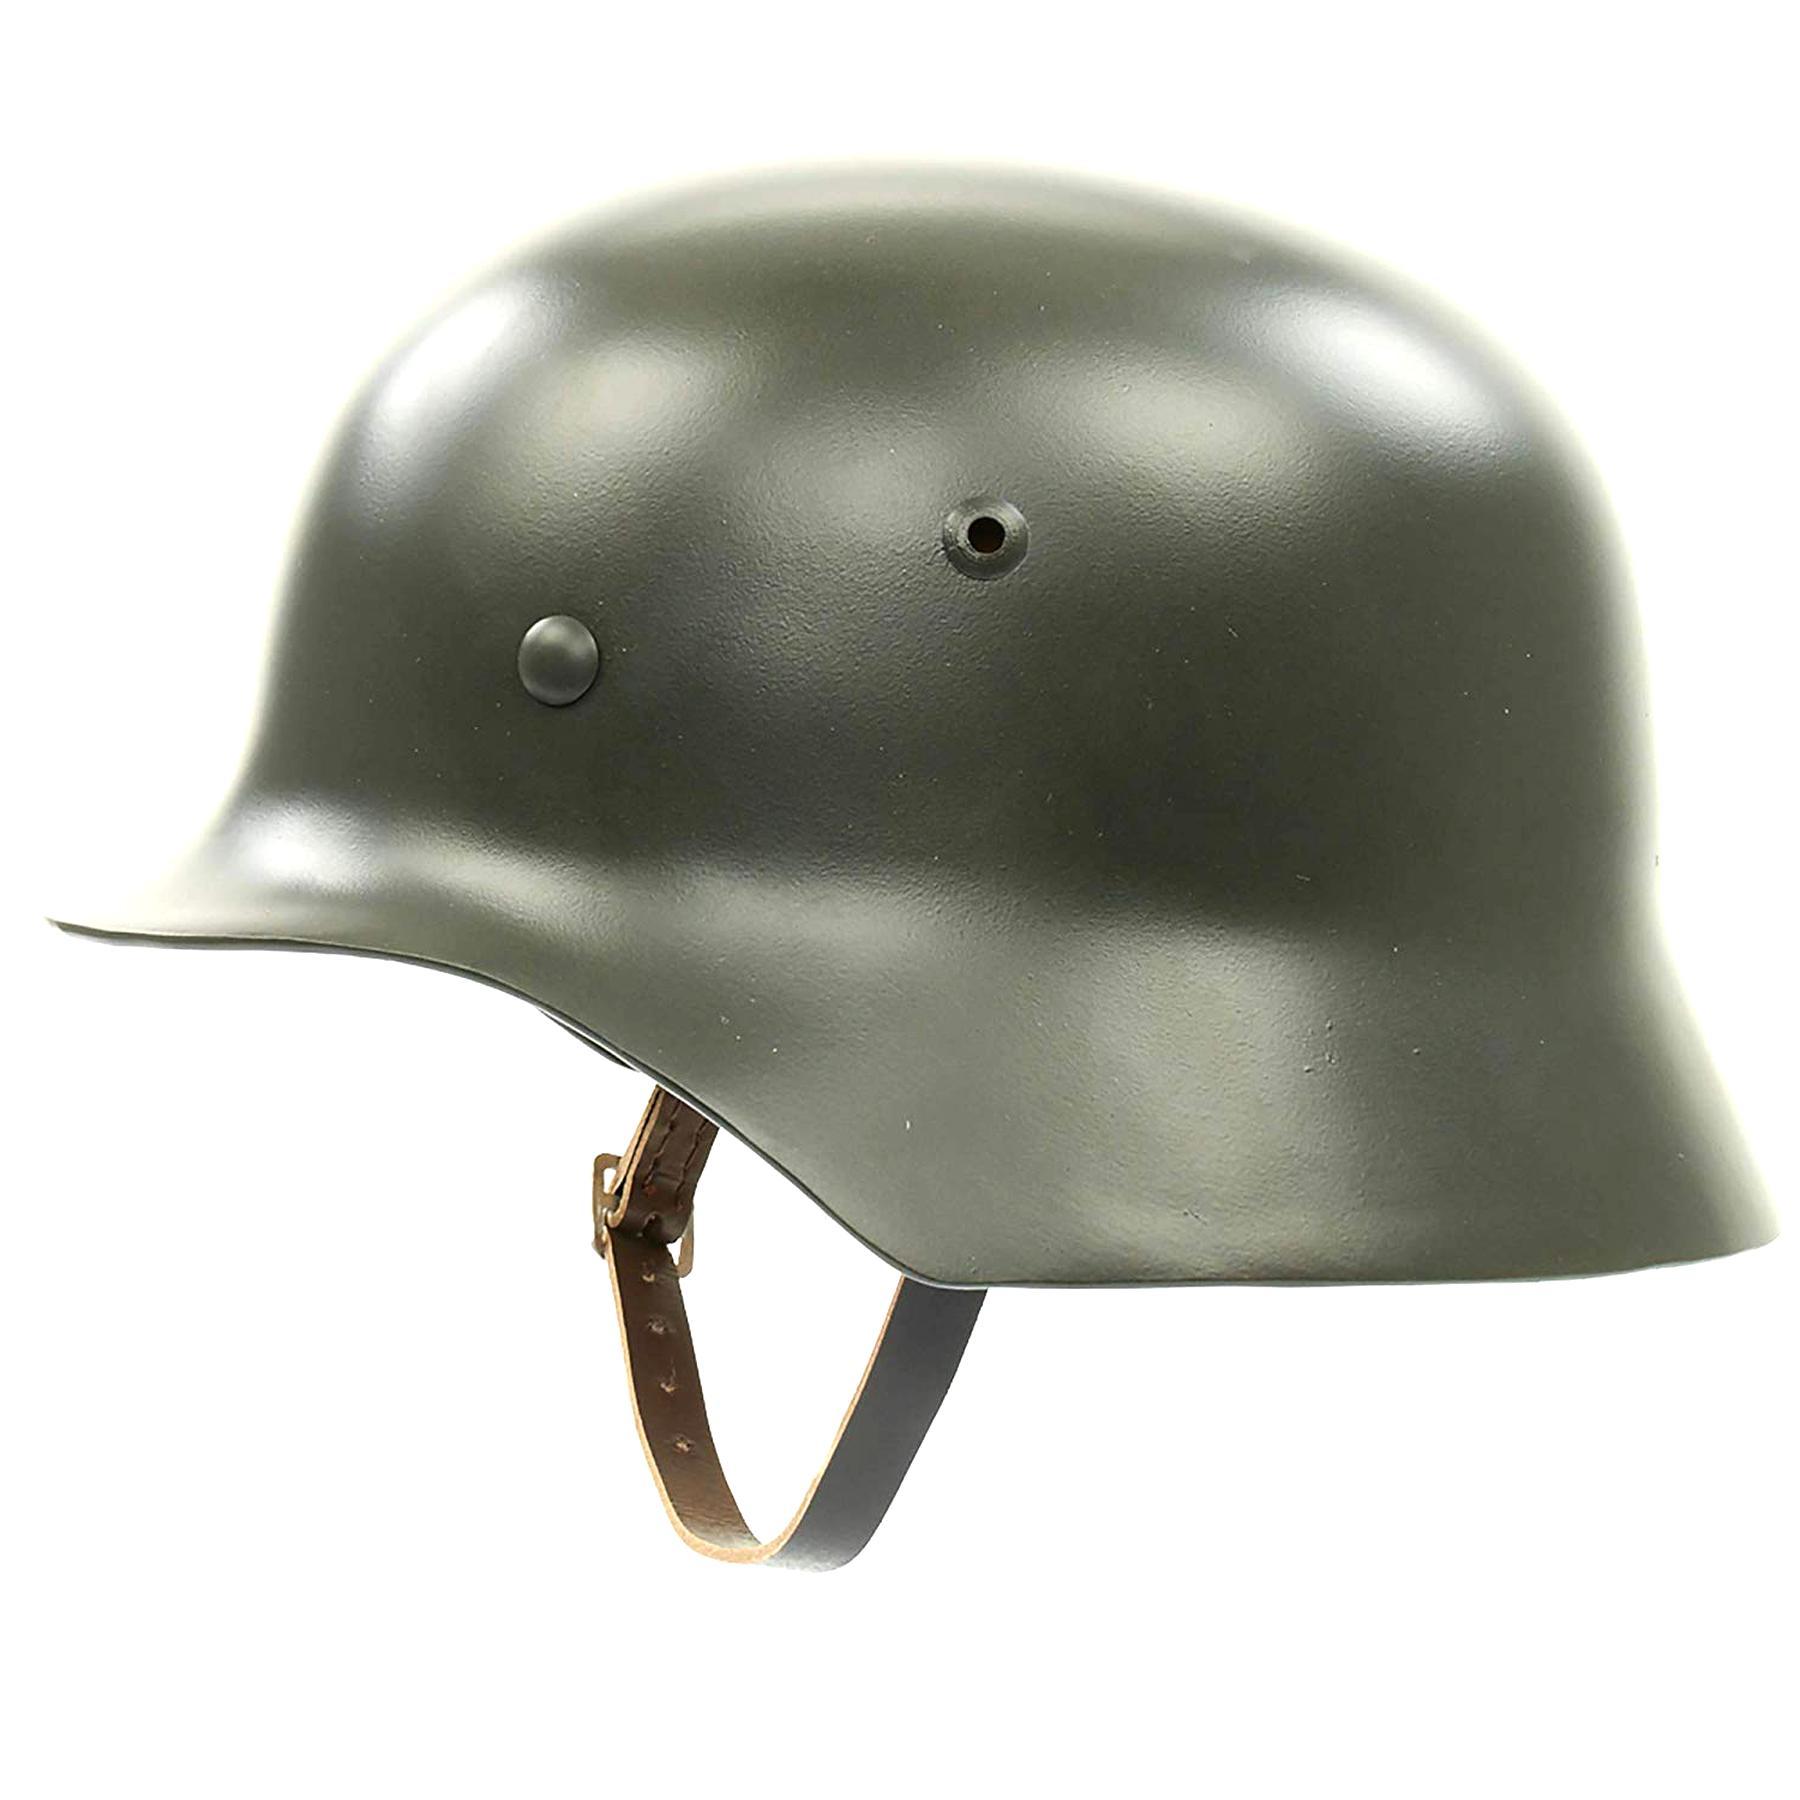 Ww2 German Helmet for sale in UK | View 49 bargains